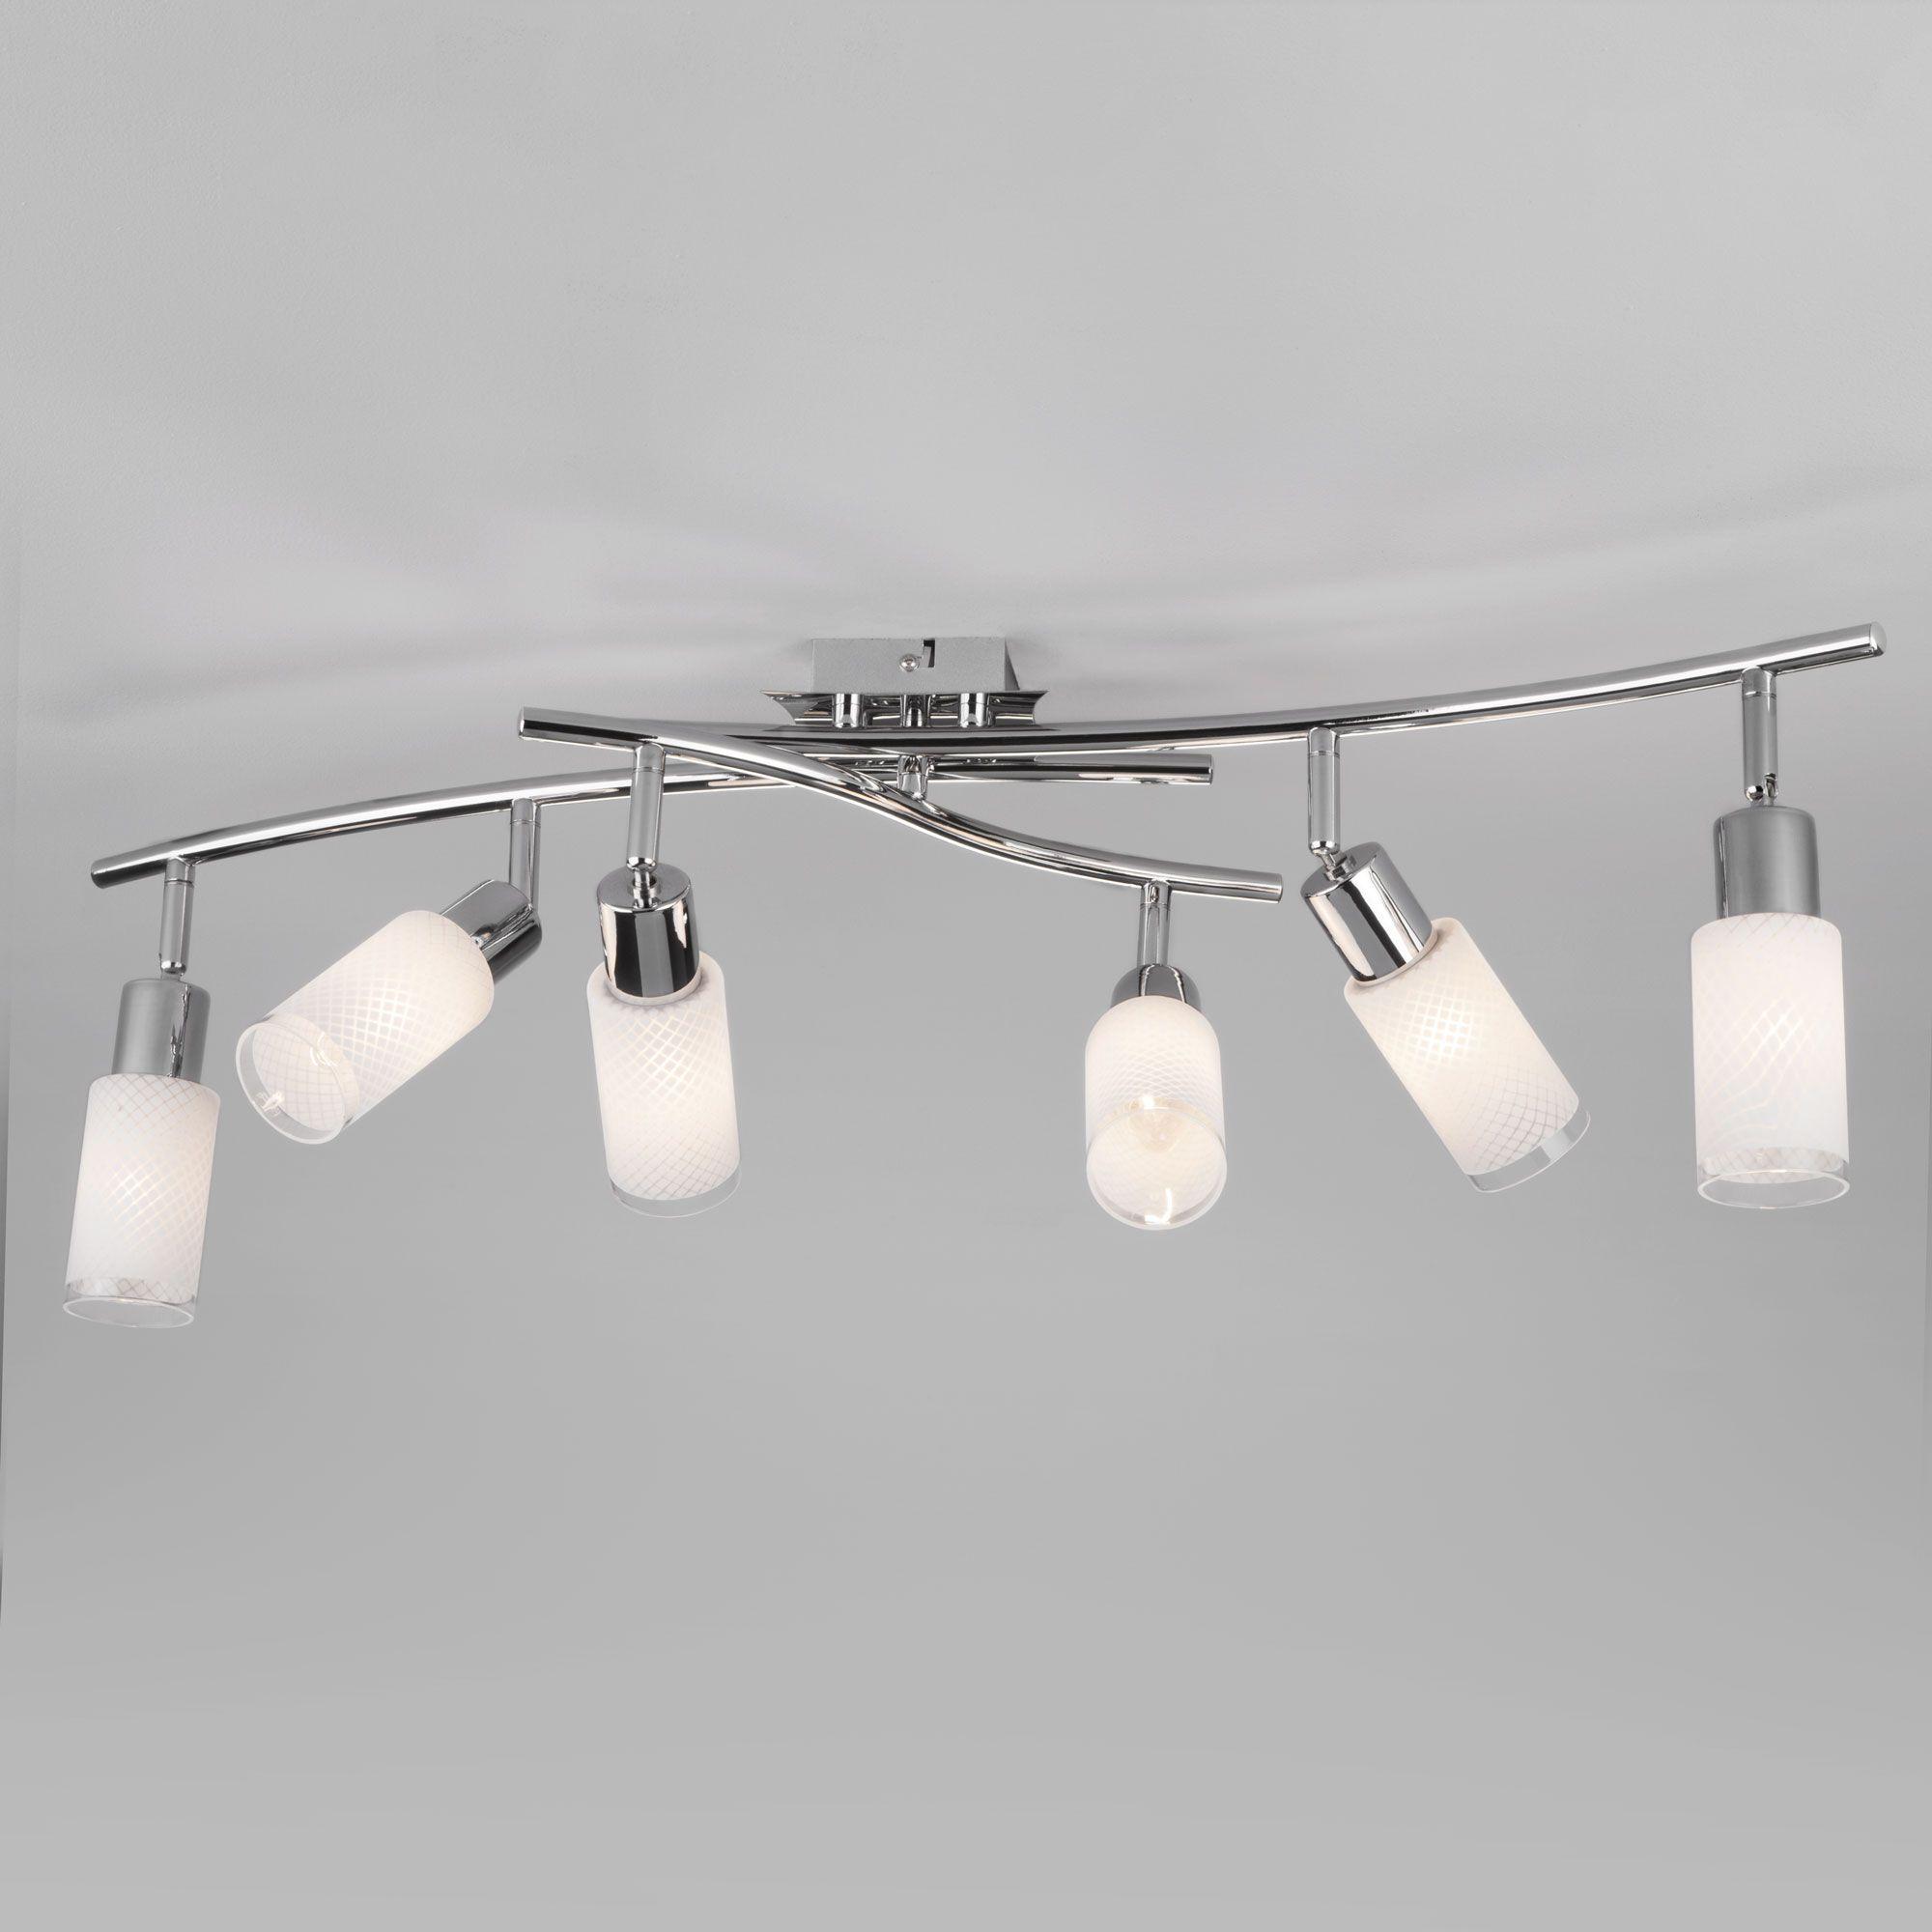 Потолочный светильник с плафонами из стекла 20030/6 хром